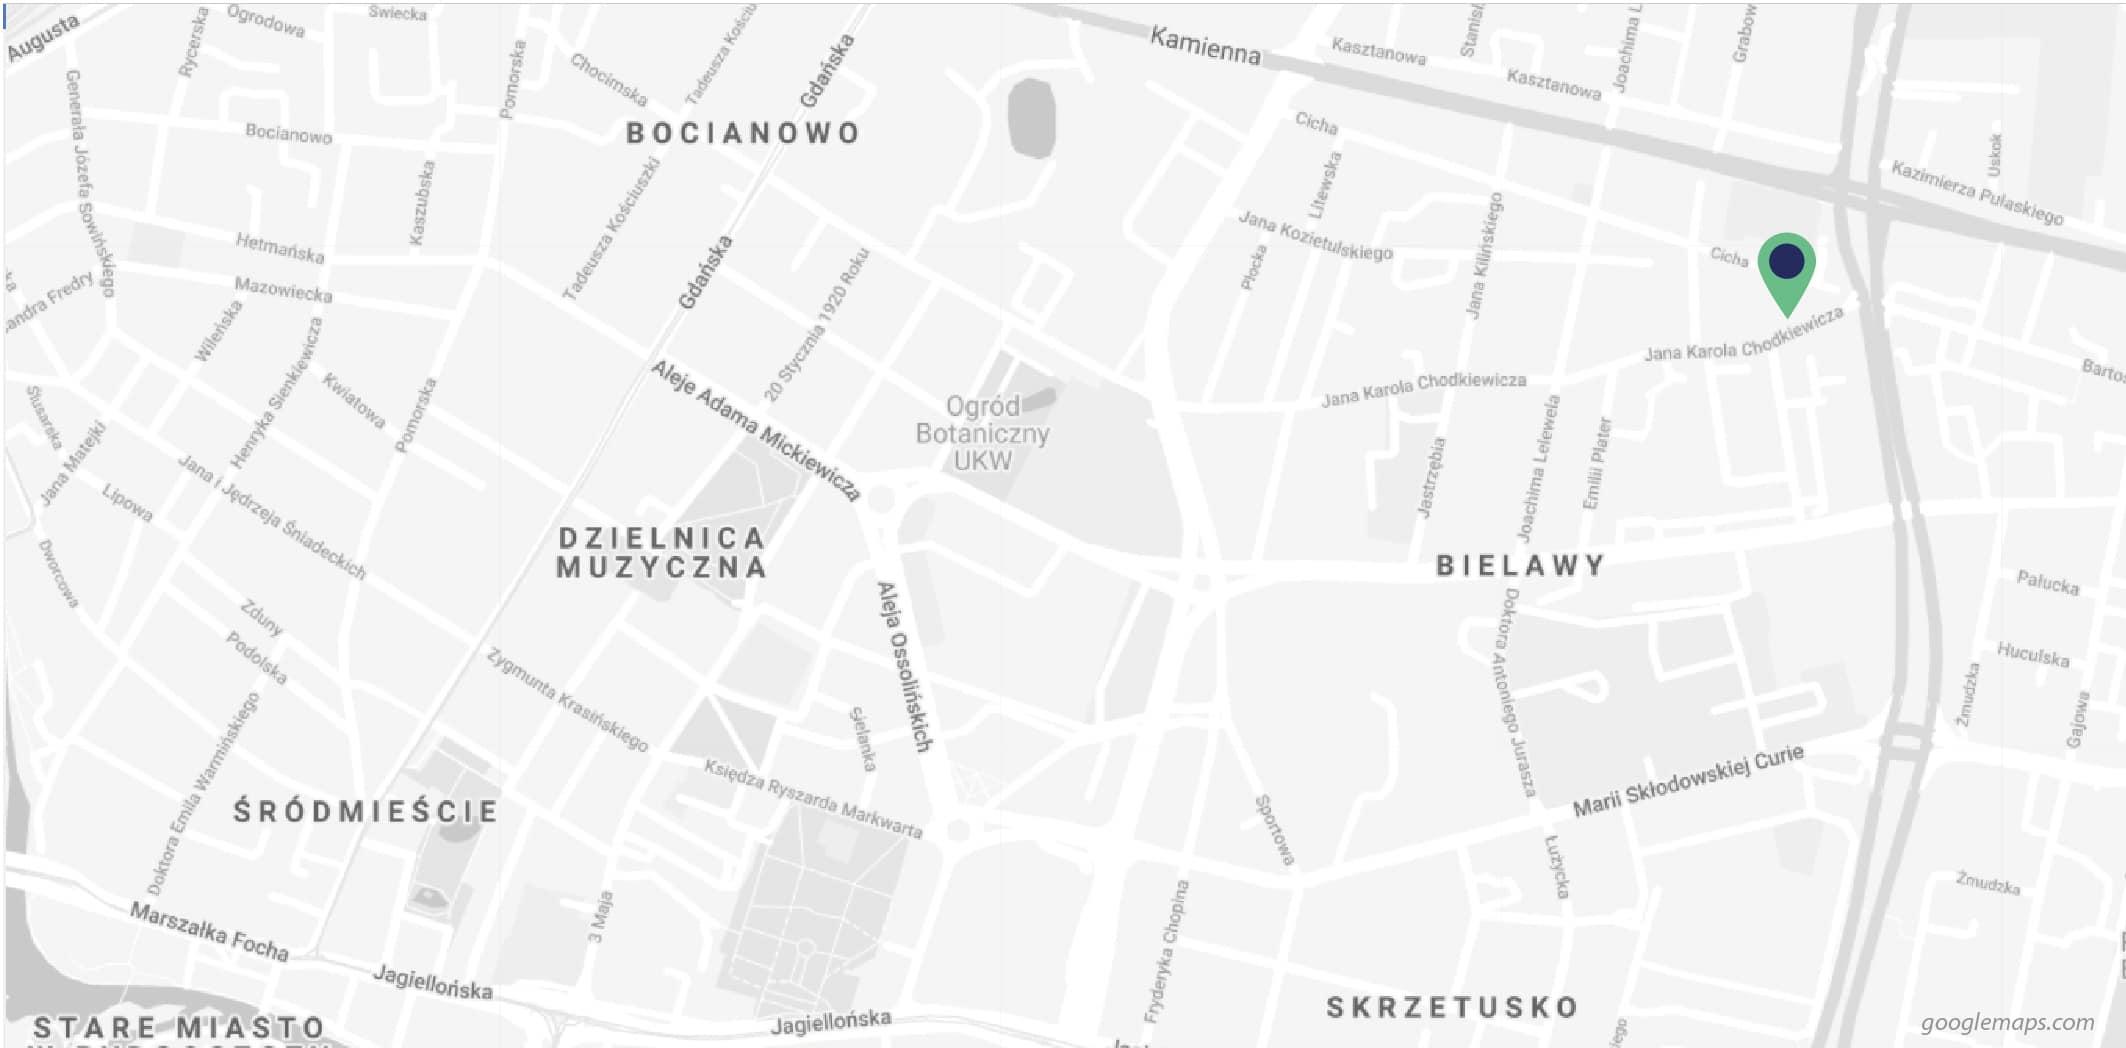 mapa bydgoszcz, inwestycja chodkiewicza, spechouse, miniapartamenty, mieszkania dla singli, mieszkania na sprzedaż, mieszkania dla inwestorów